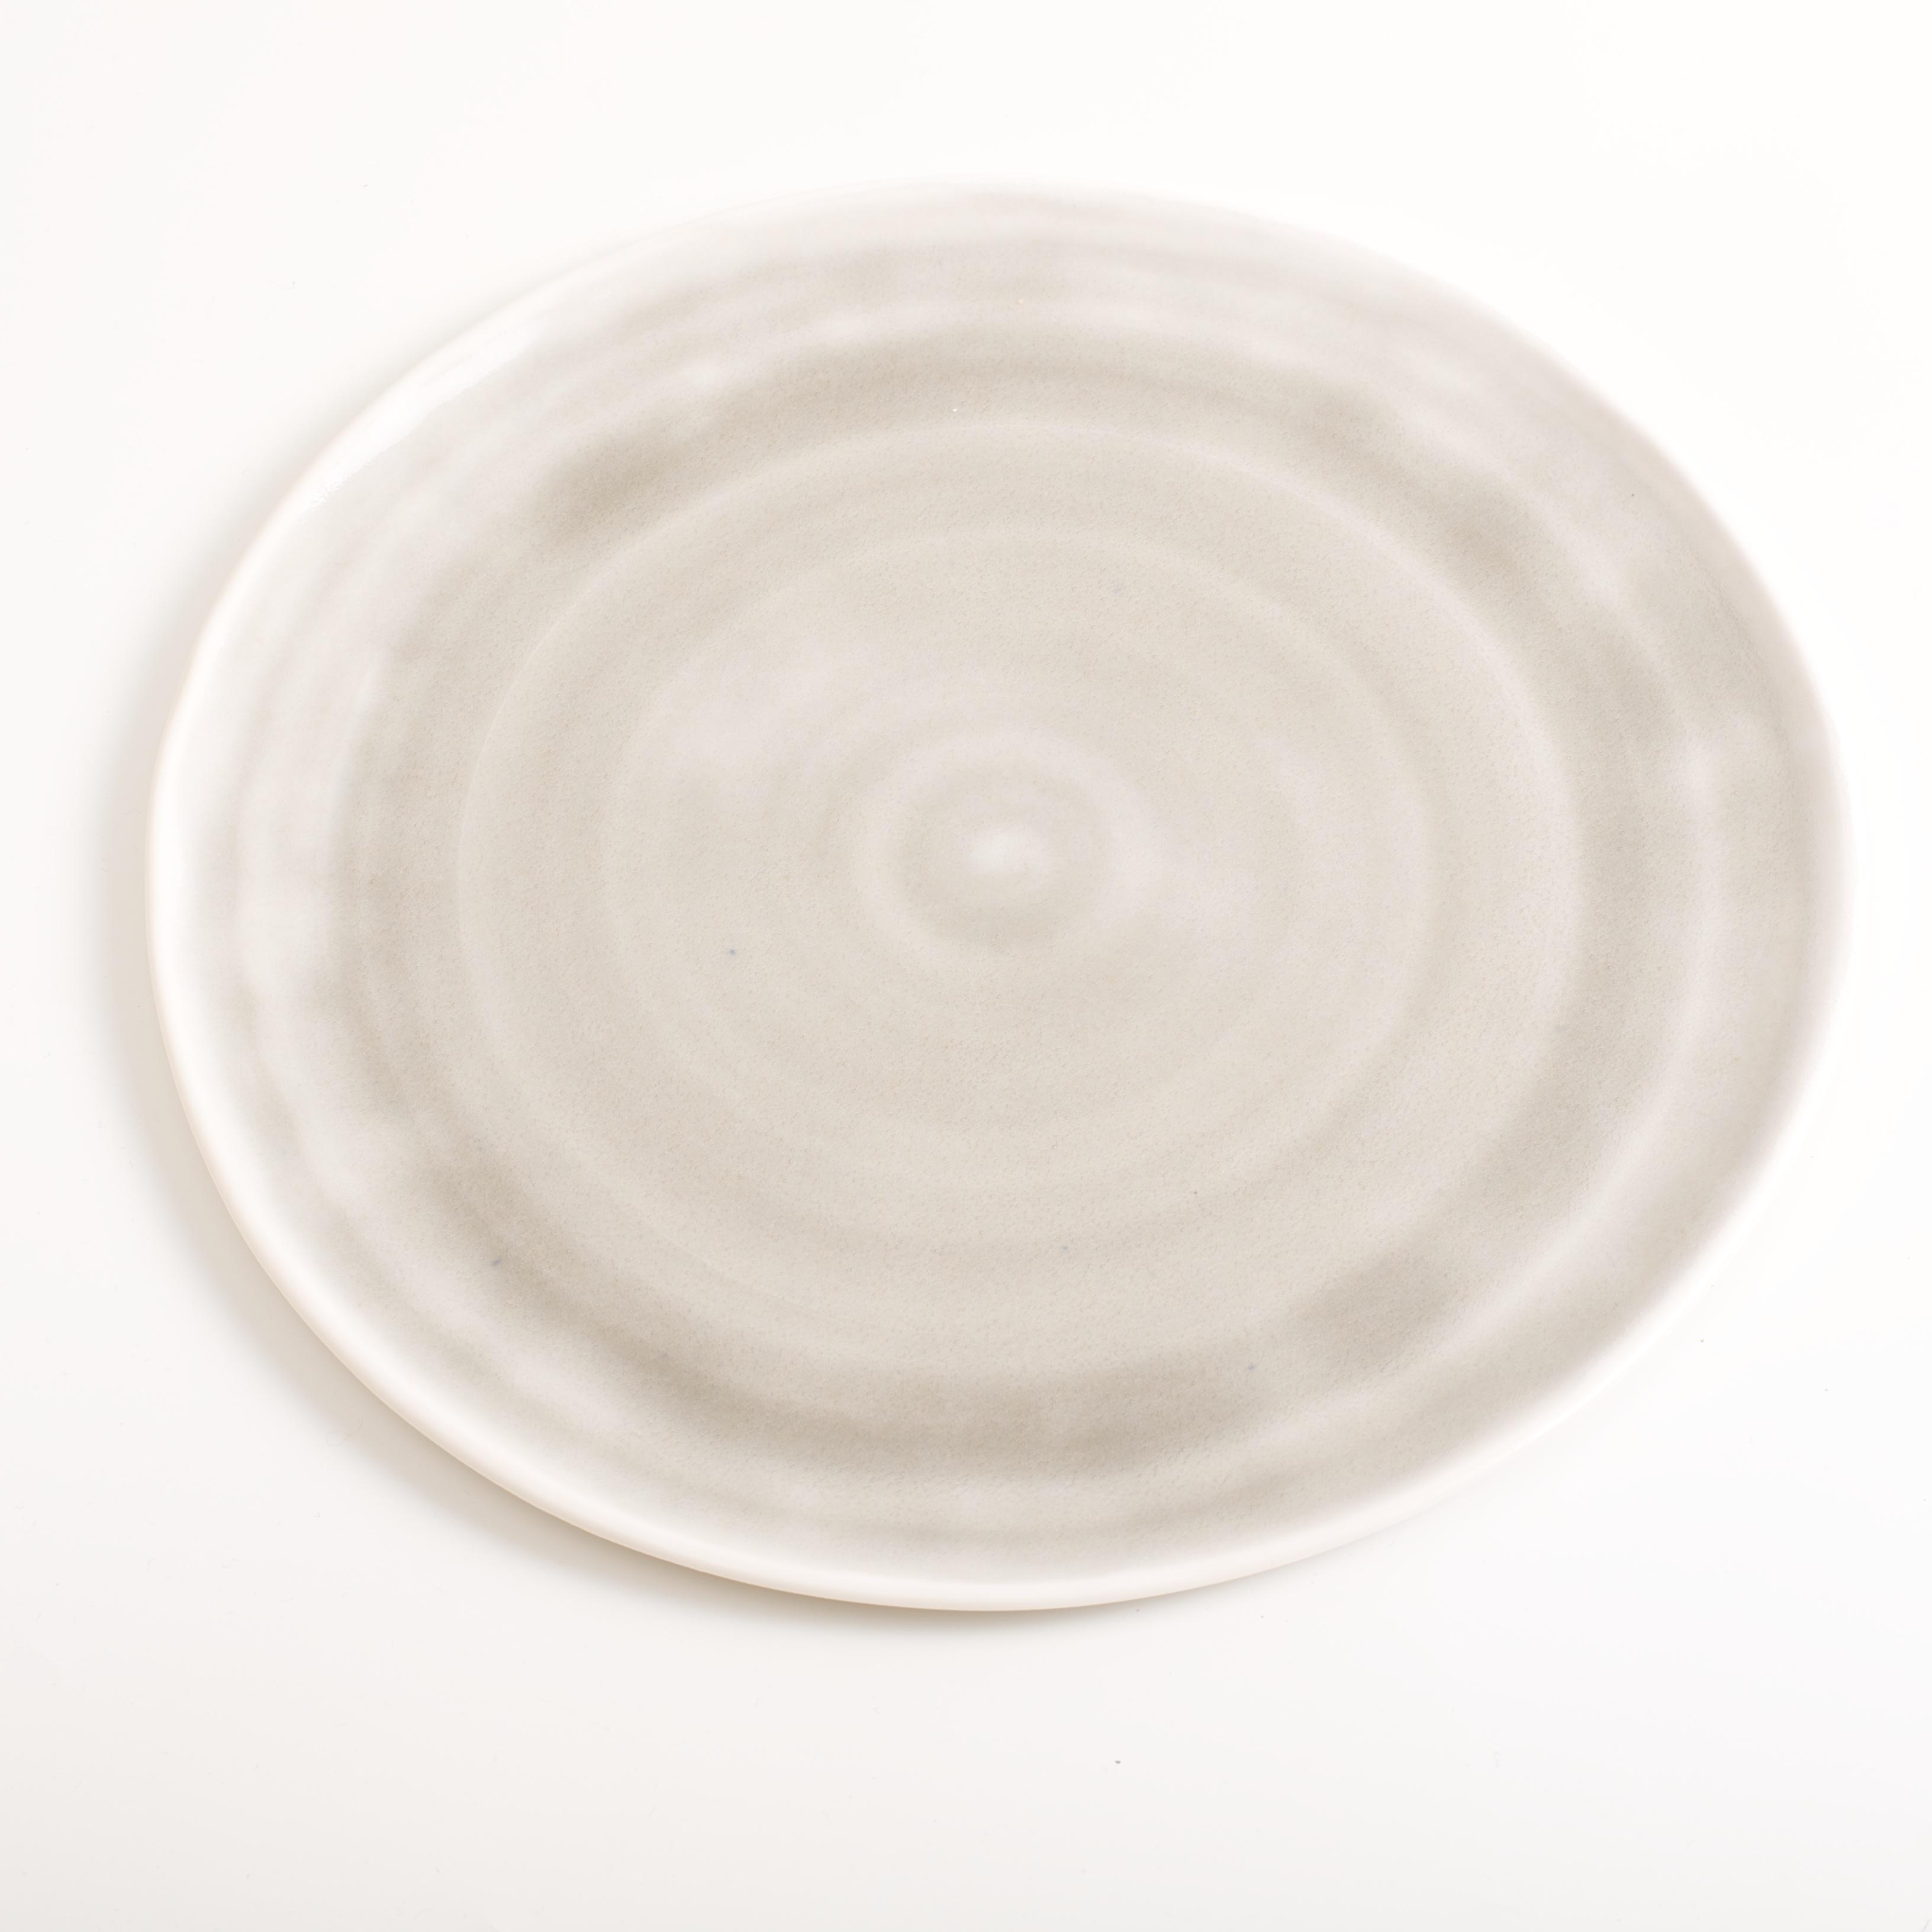 ... handmade porcelain- dinnerware- tableware- grey plate ... & Handmade plate | Linda Bloomfield